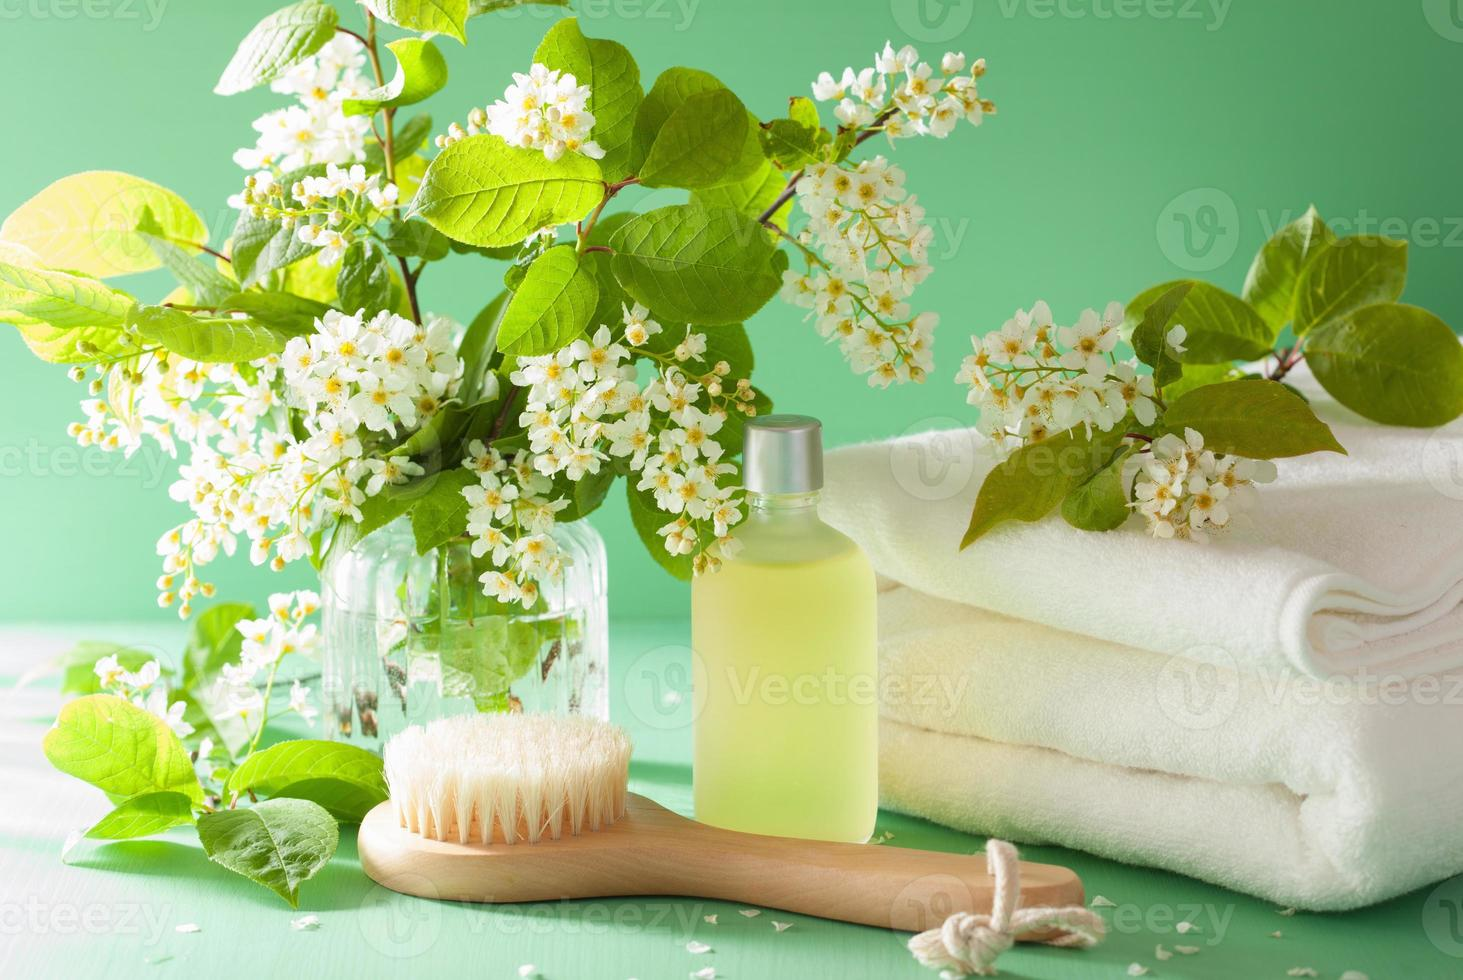 aromaterapia spa com escova de óleo essencial de flor de cerejeira para foto